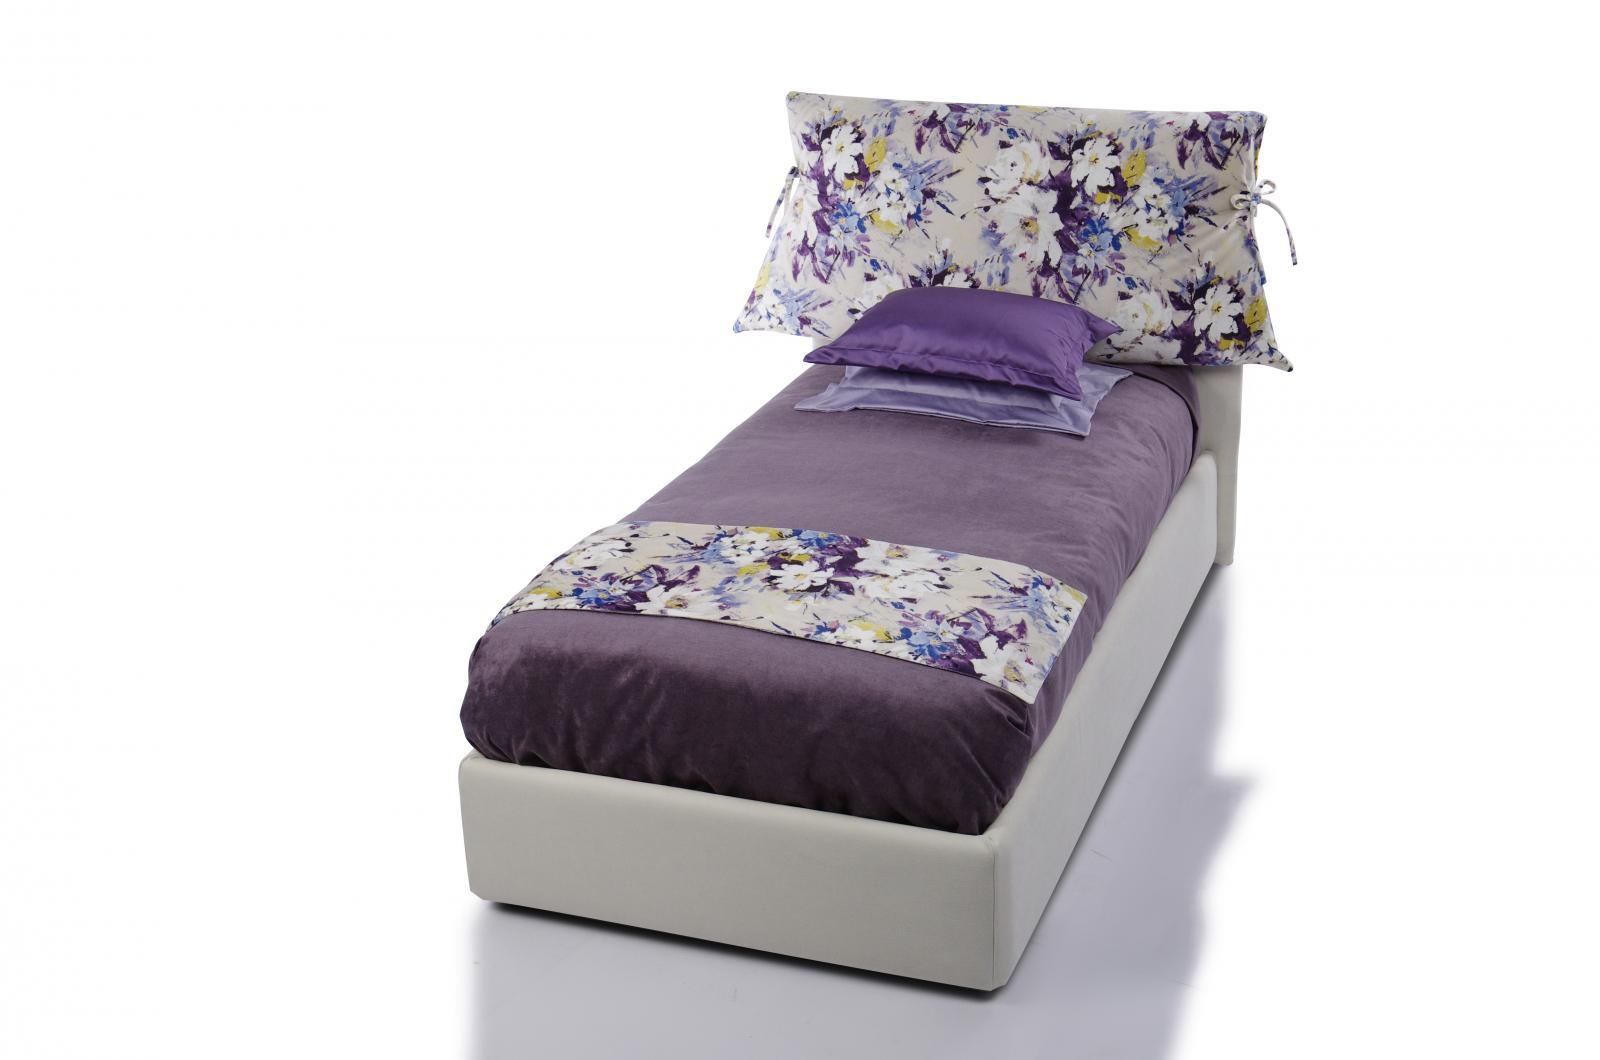 Купить Кровать Alfabed Lounge 120х200, inmyroom, Италия